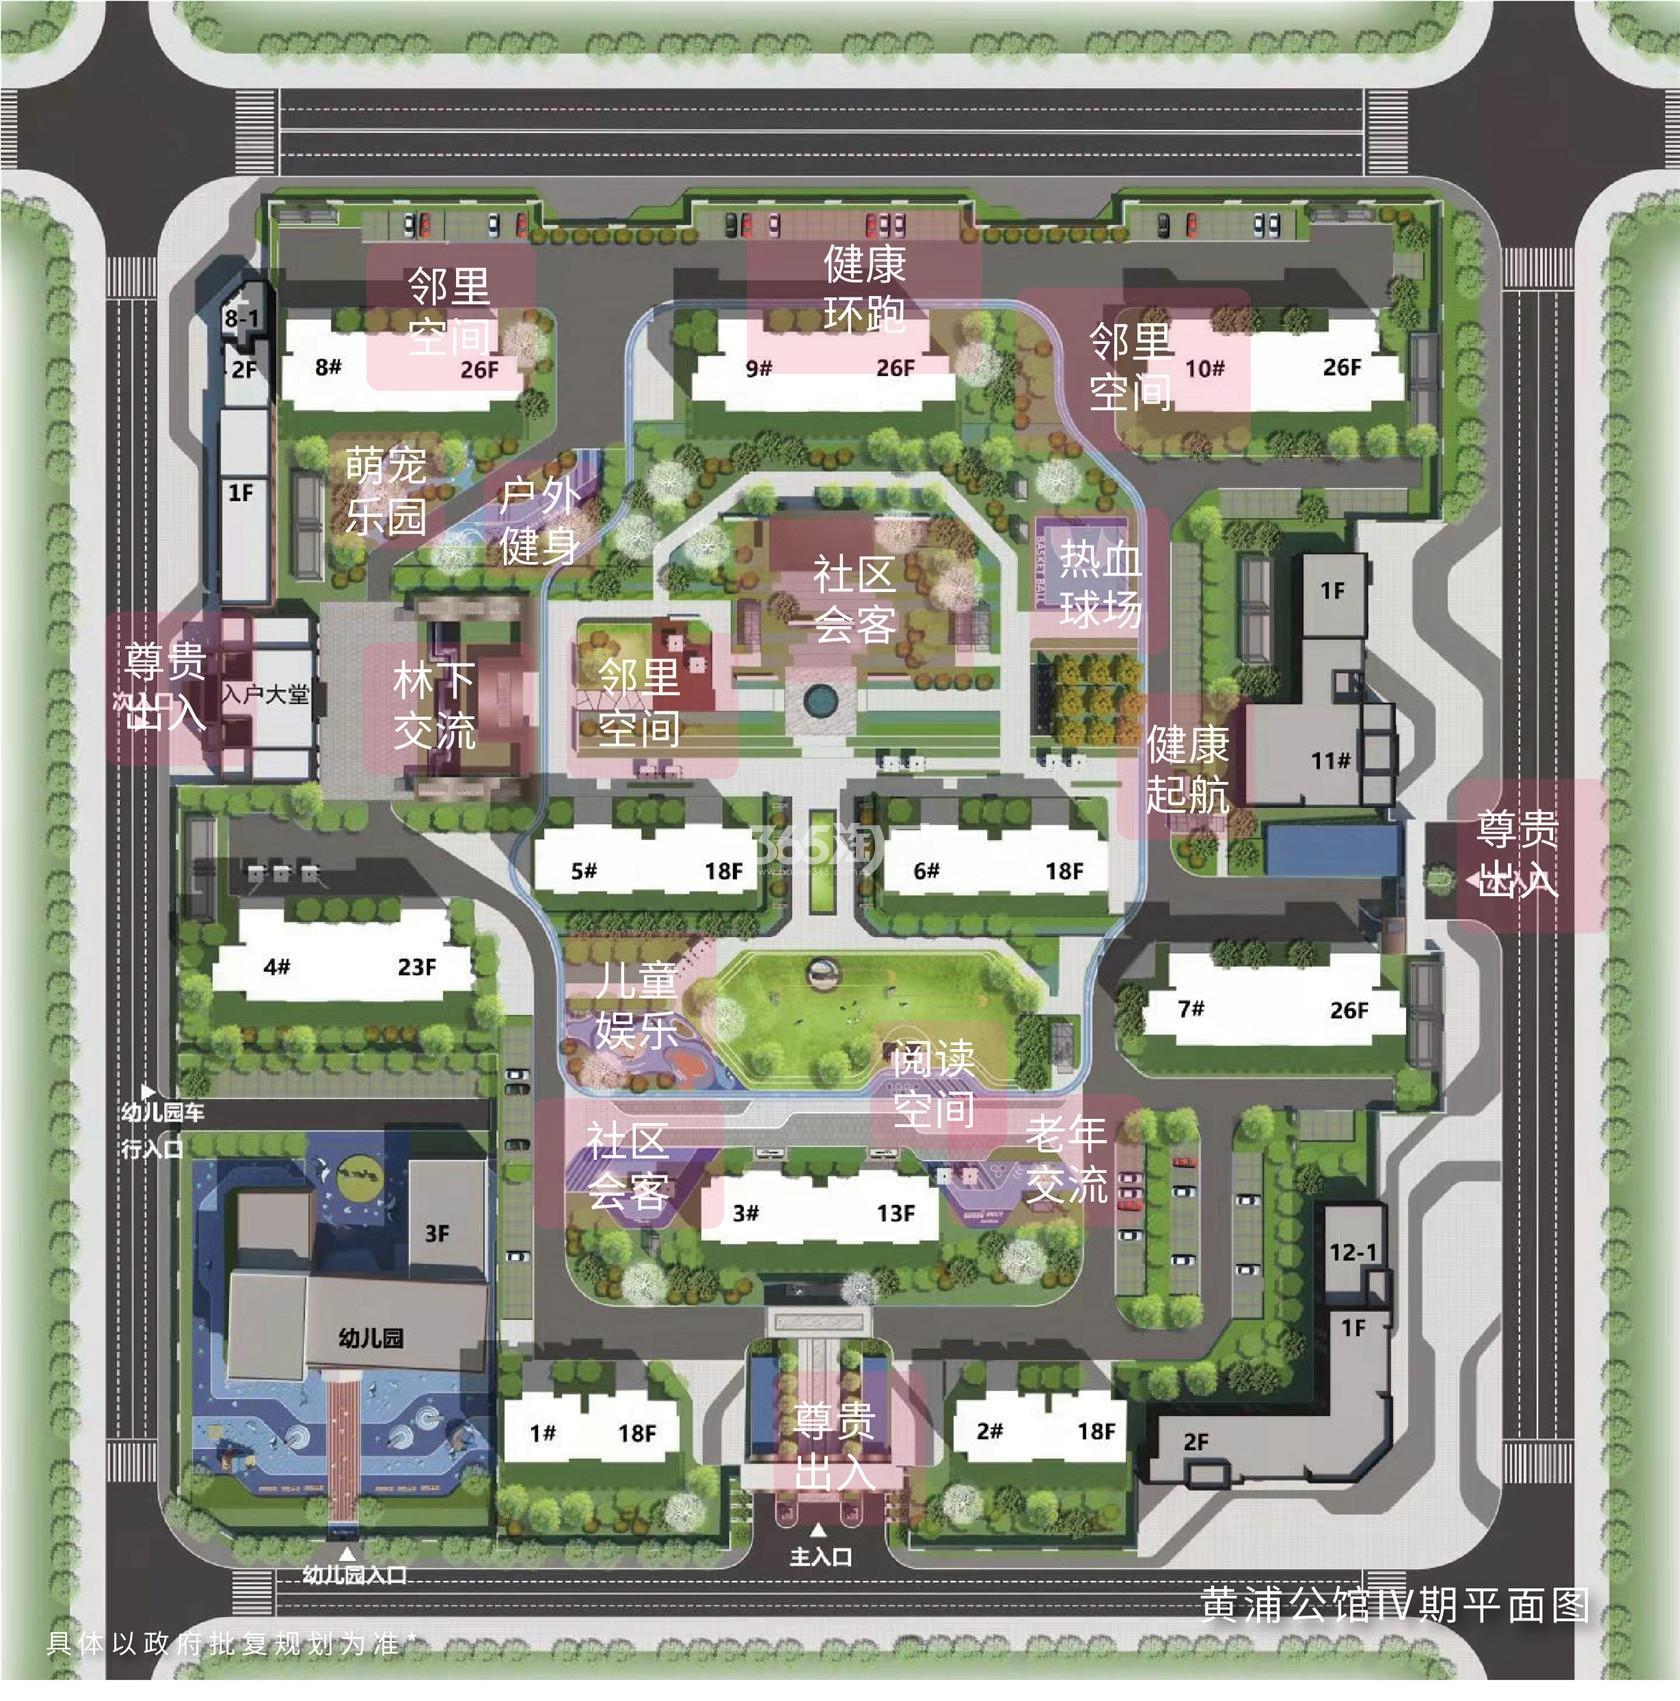 黄浦公馆IV期平面图